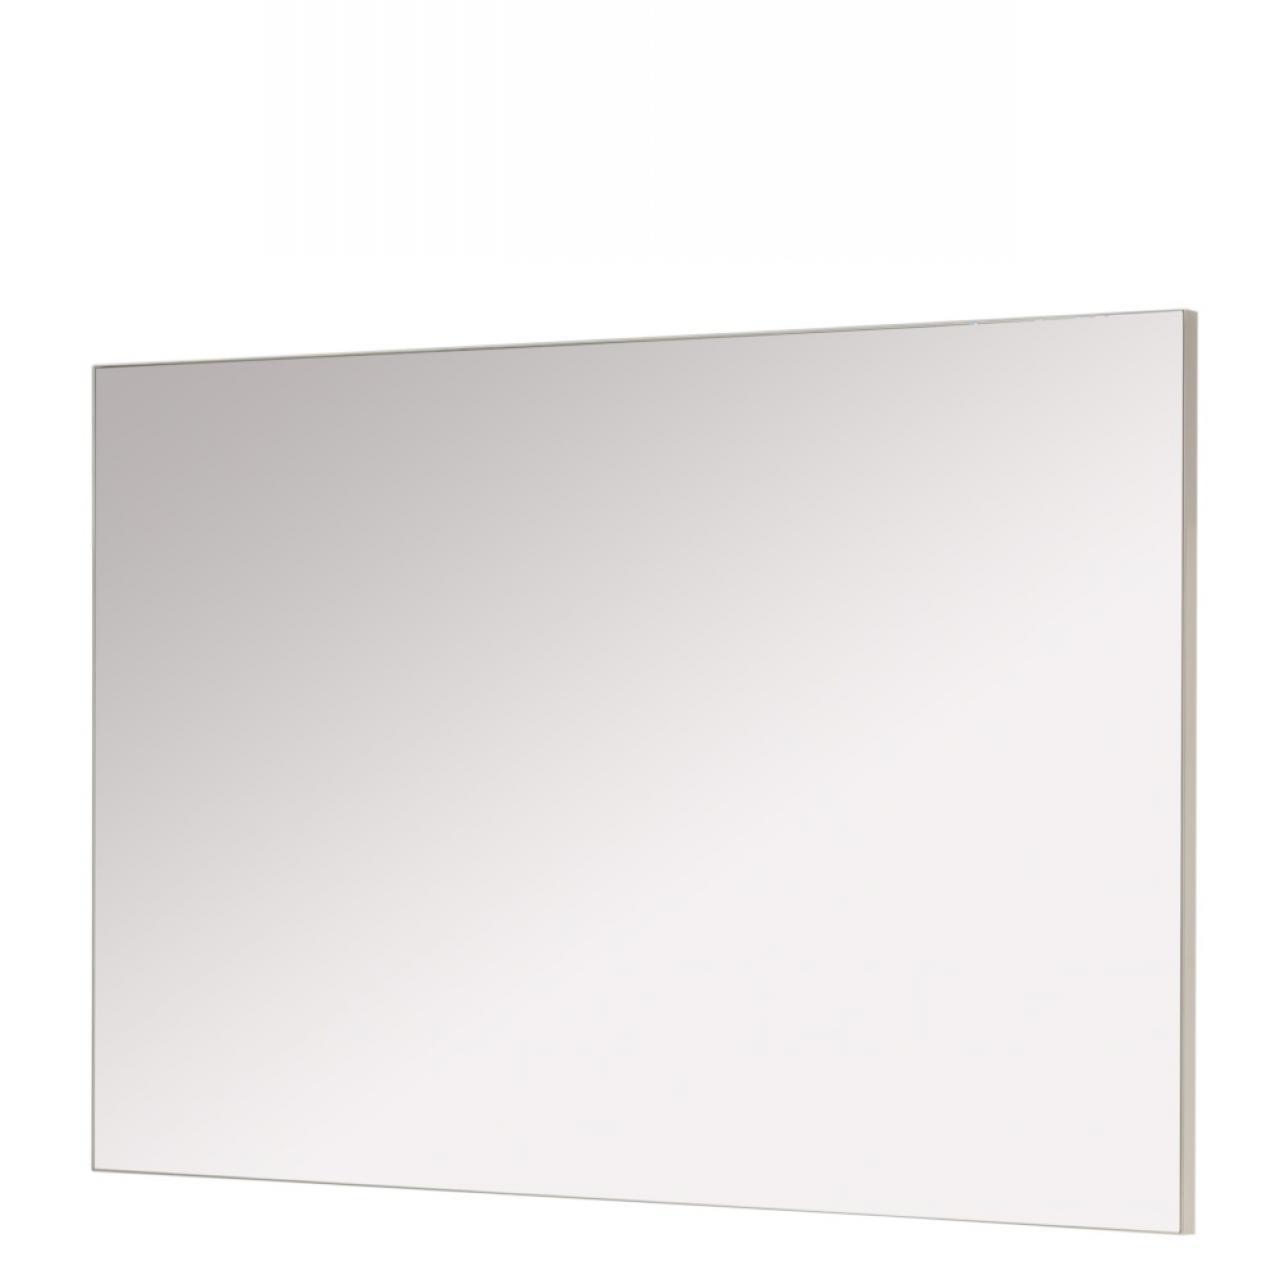 Spiegel Topix in Weiß